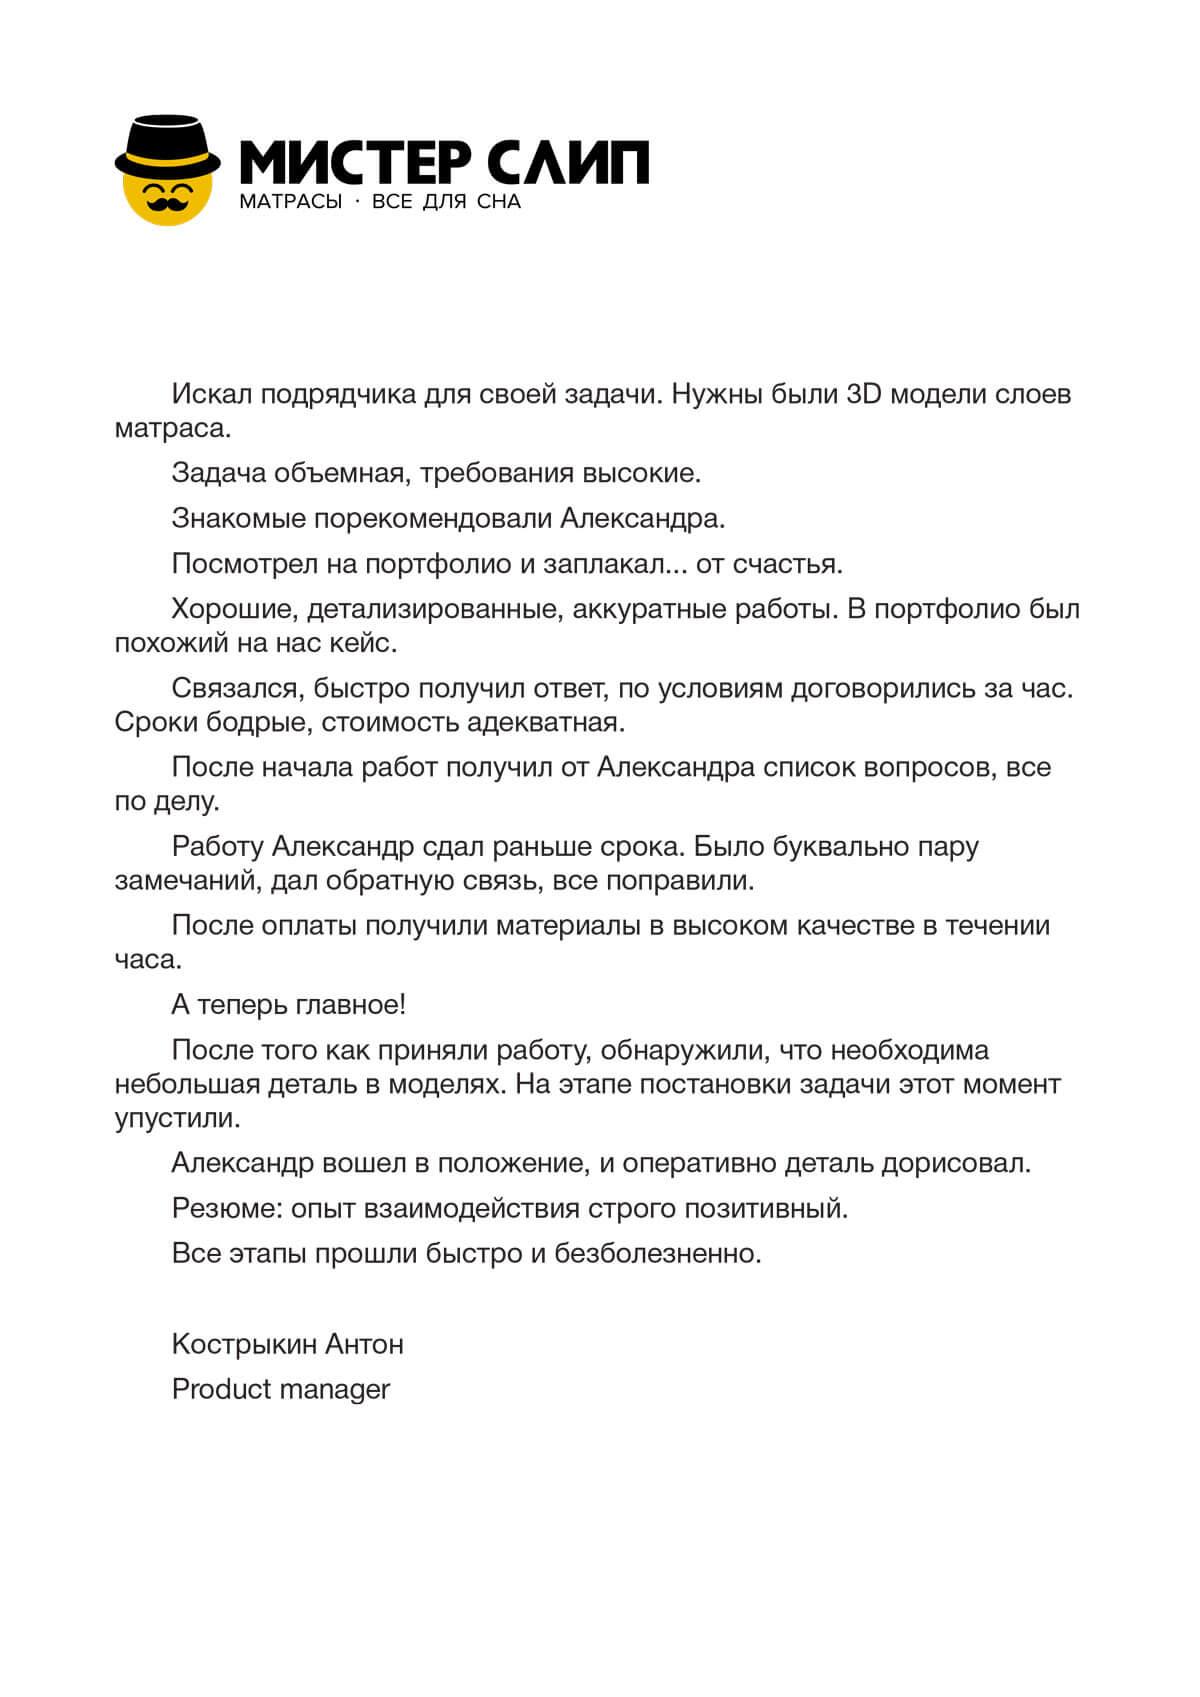 Отзыв от представителя mrsleep.ru